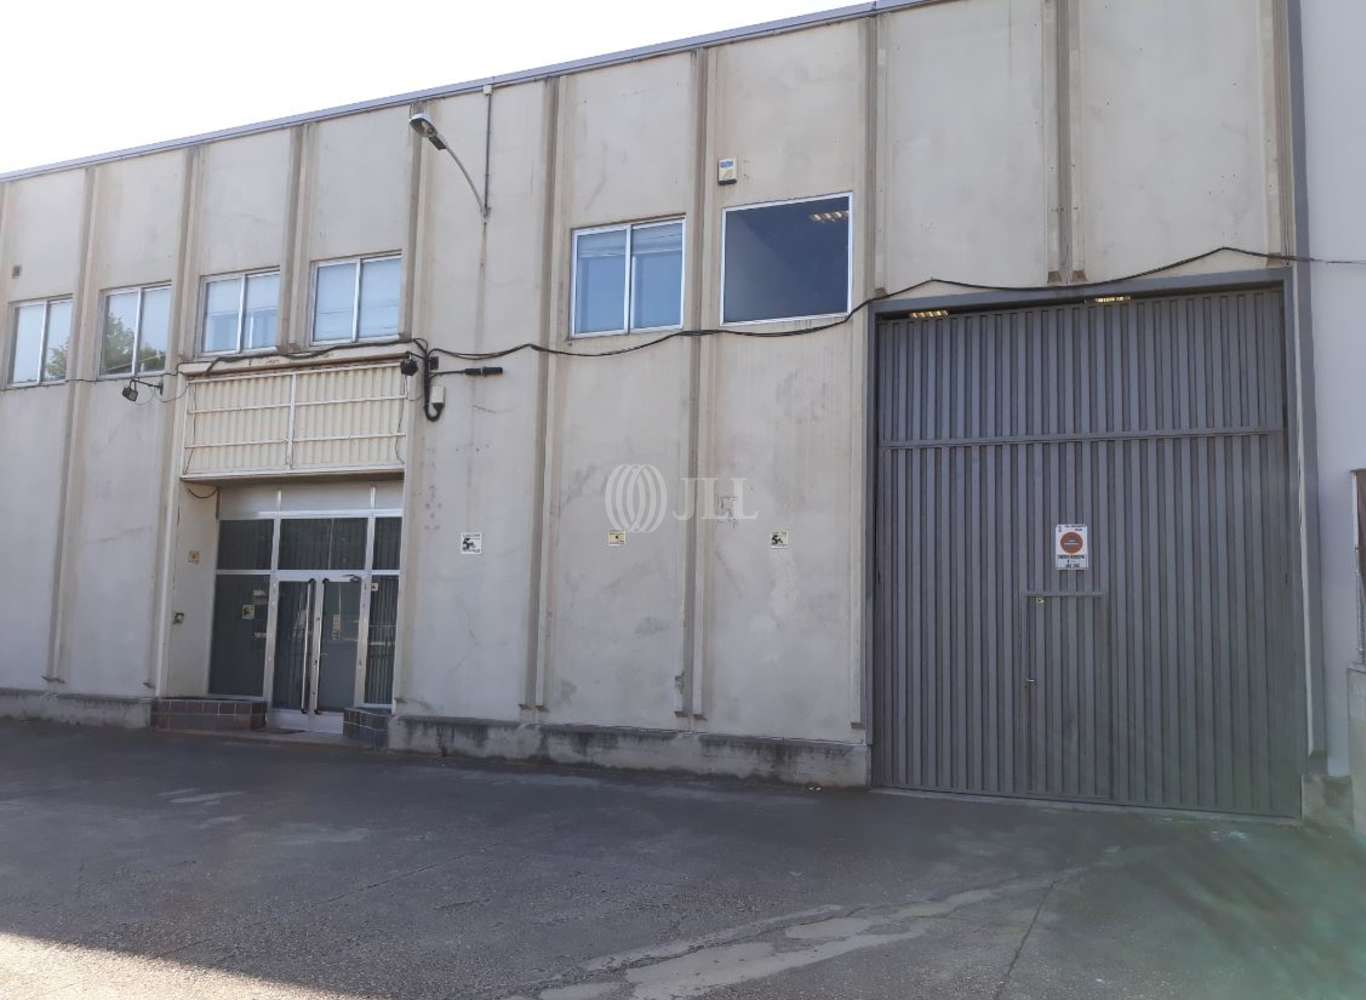 Naves industriales y logísticas Coslada, 28823 - Nave Industrial - M0378 Nave Industrial P.I. Coslada - 11902